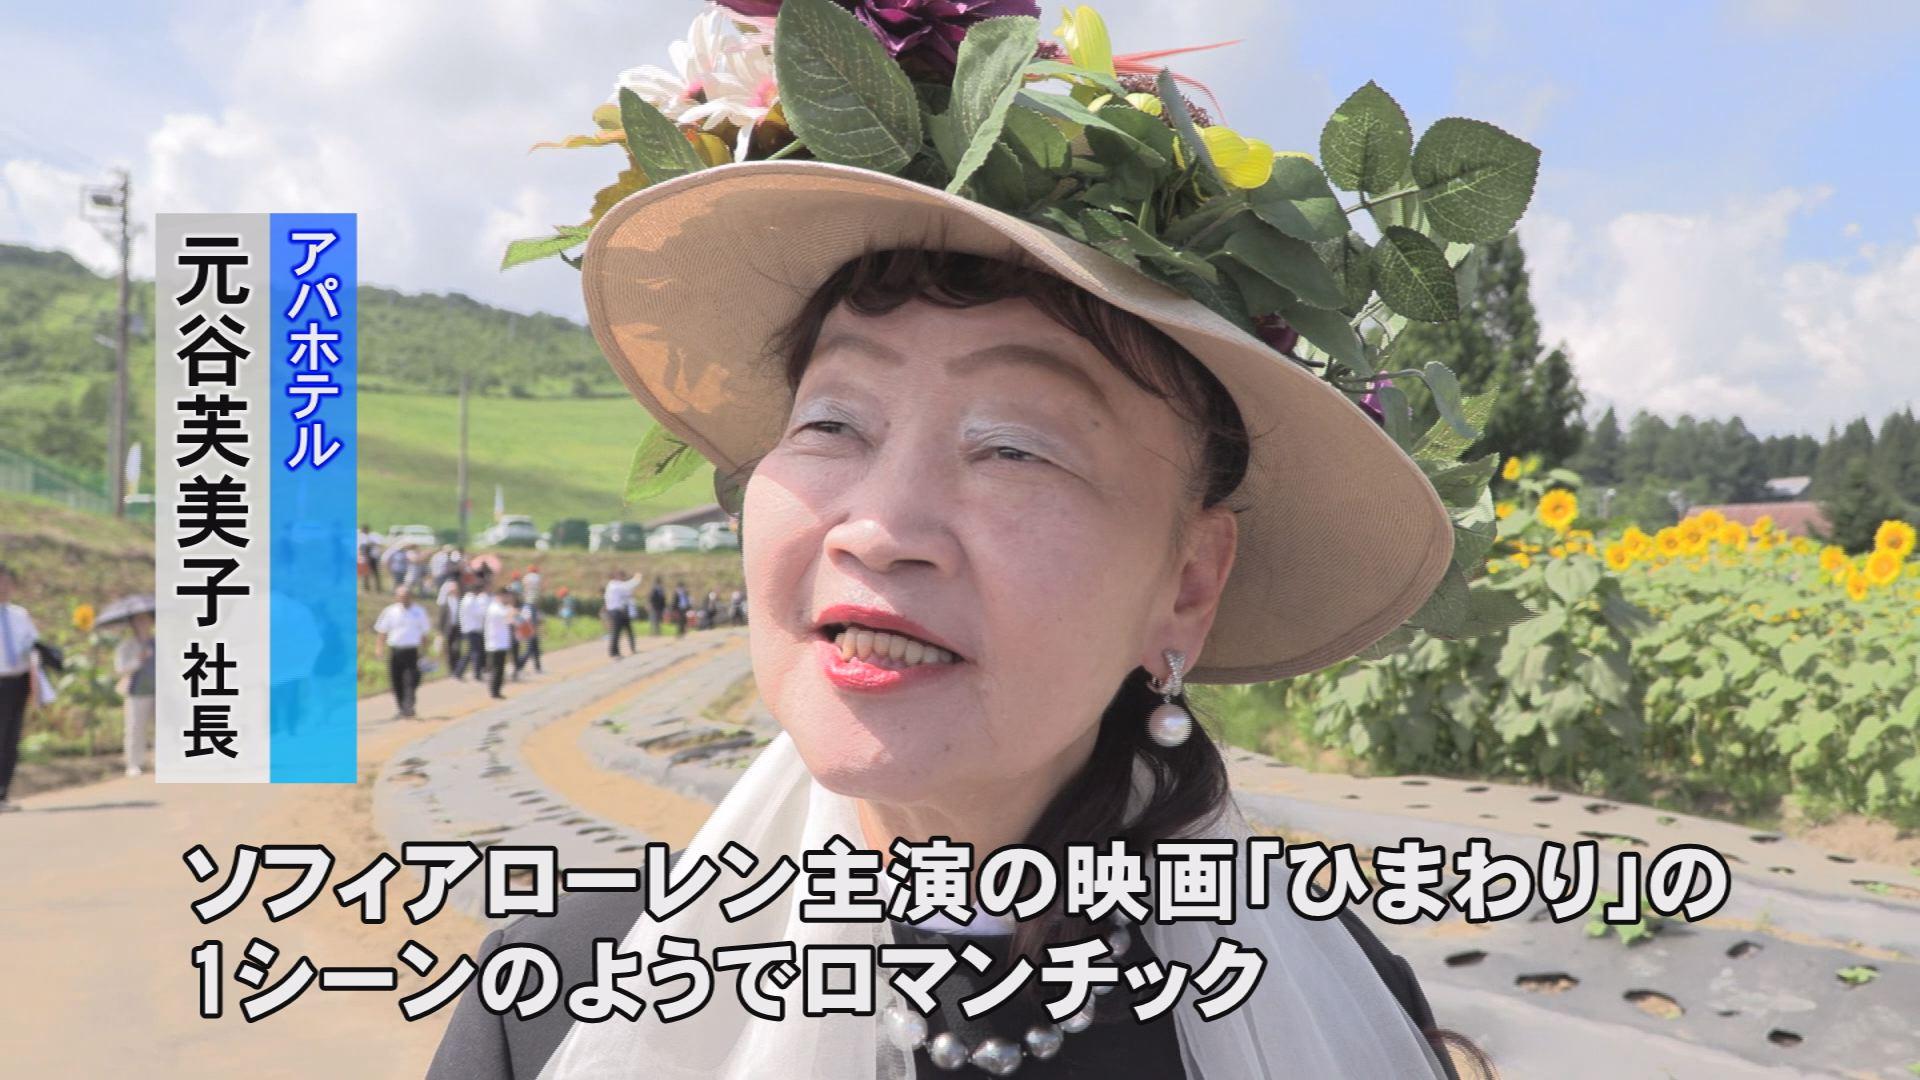 190813_ひまわりコキア王国6